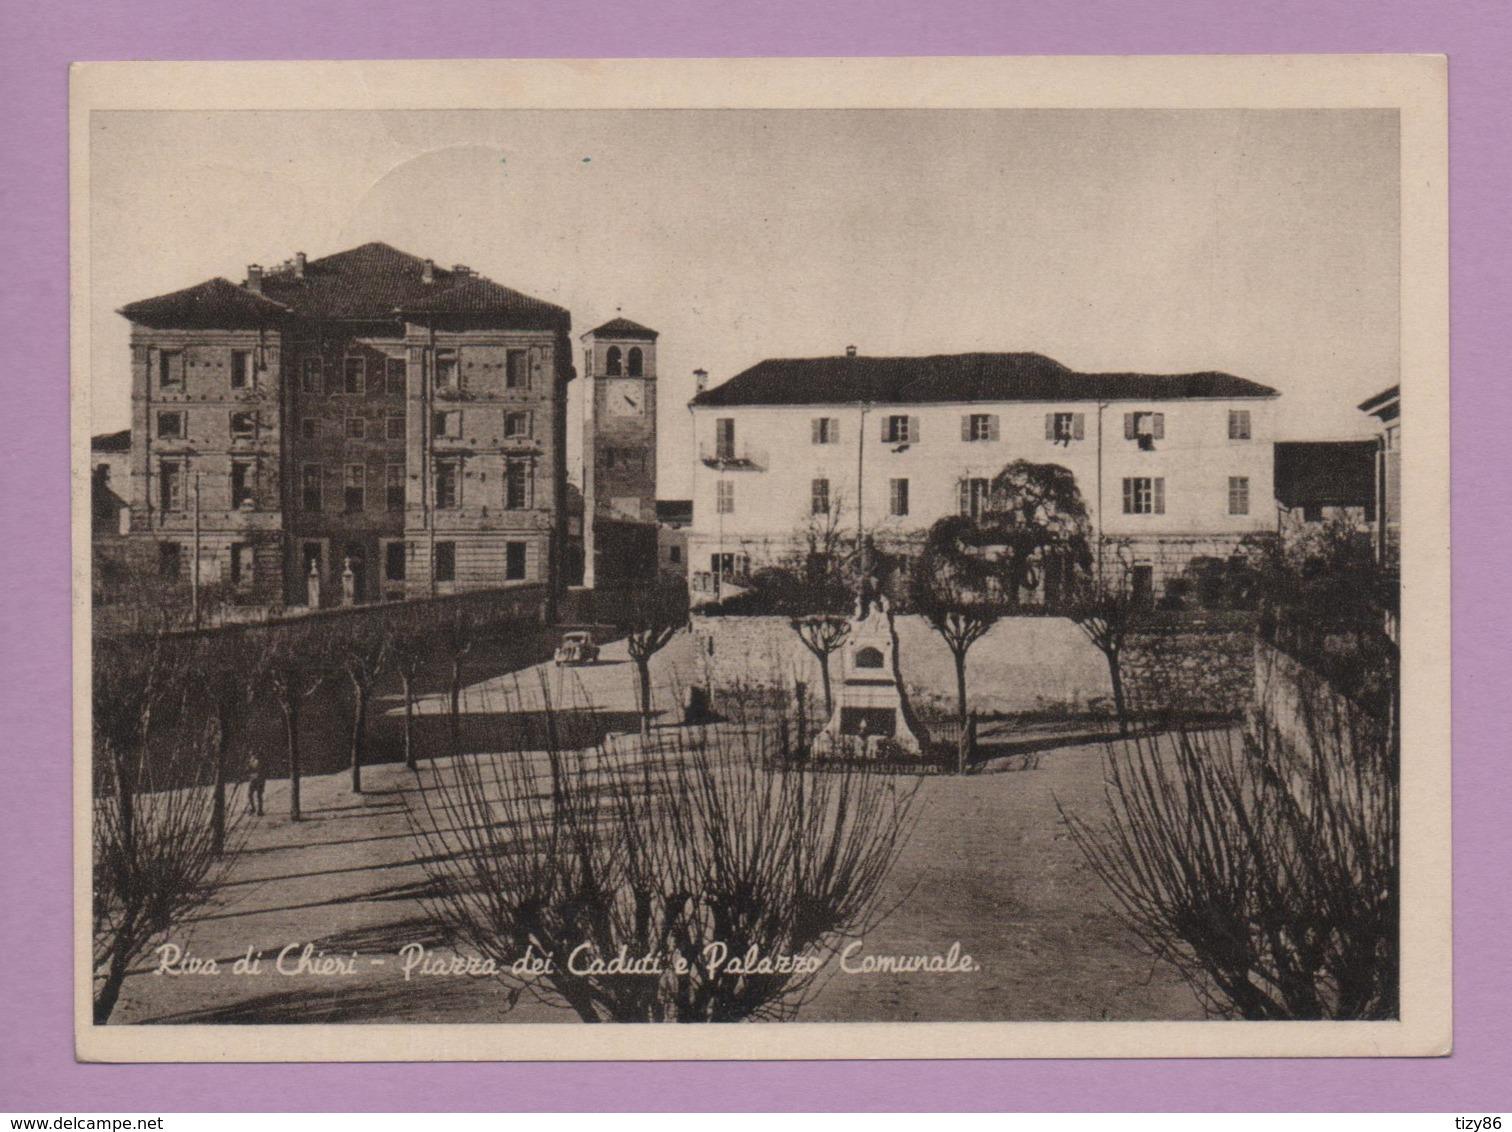 Riva Di Chieri - Piazza Dei Caduti E Palazzo Comunale - Italie